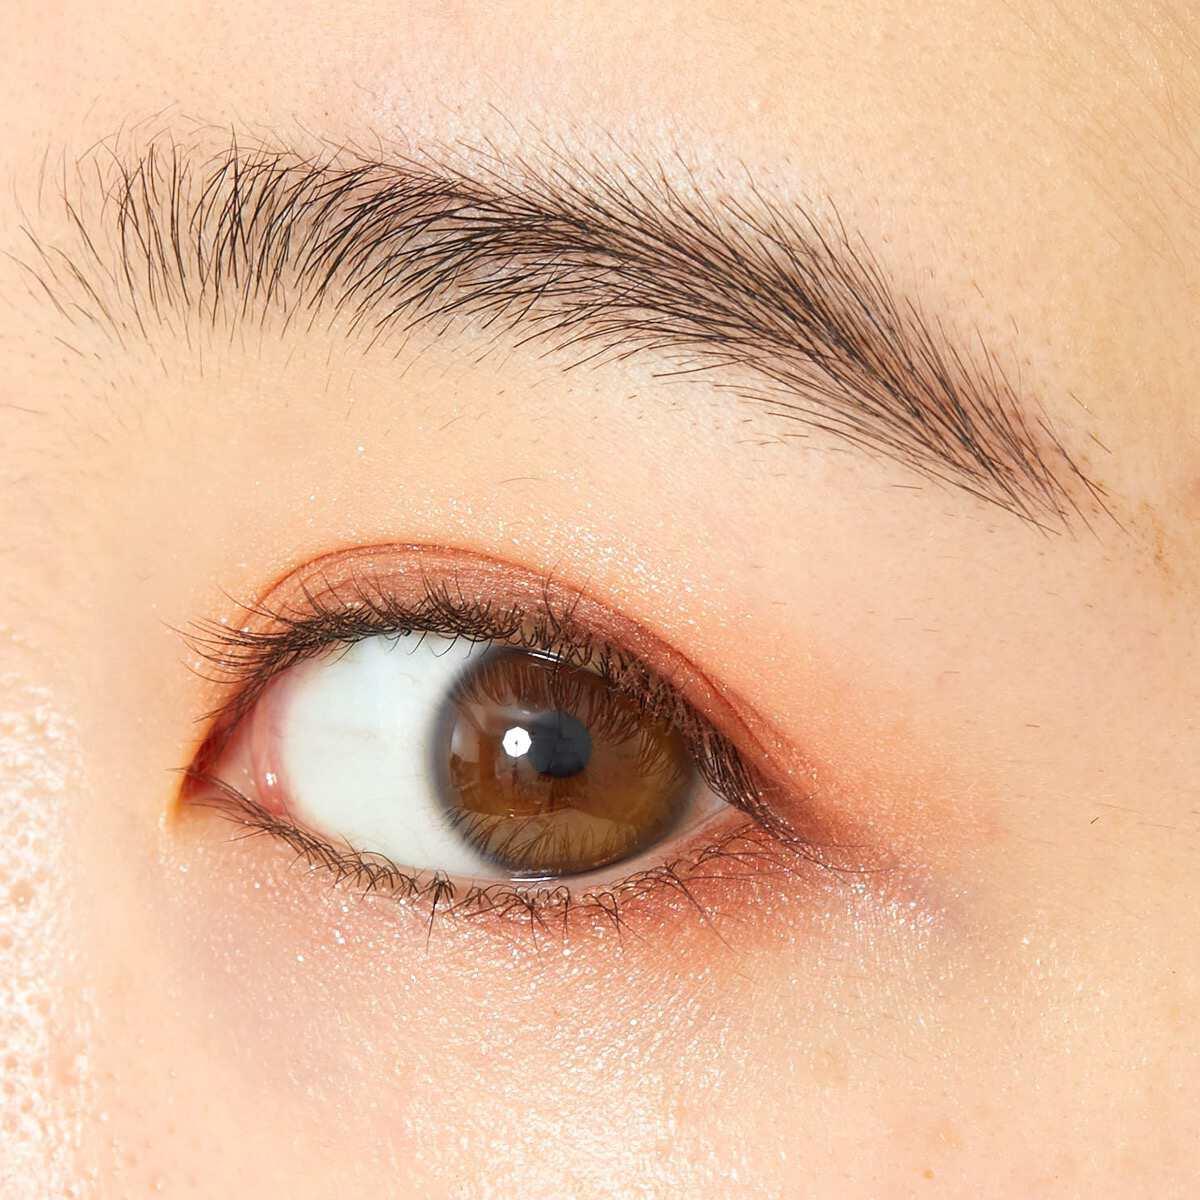 CANMAKE(キャンメイク)『シルキースフレアイズ 07 ネクタリンオレンジ』の使用感をレポ!に関する画像4